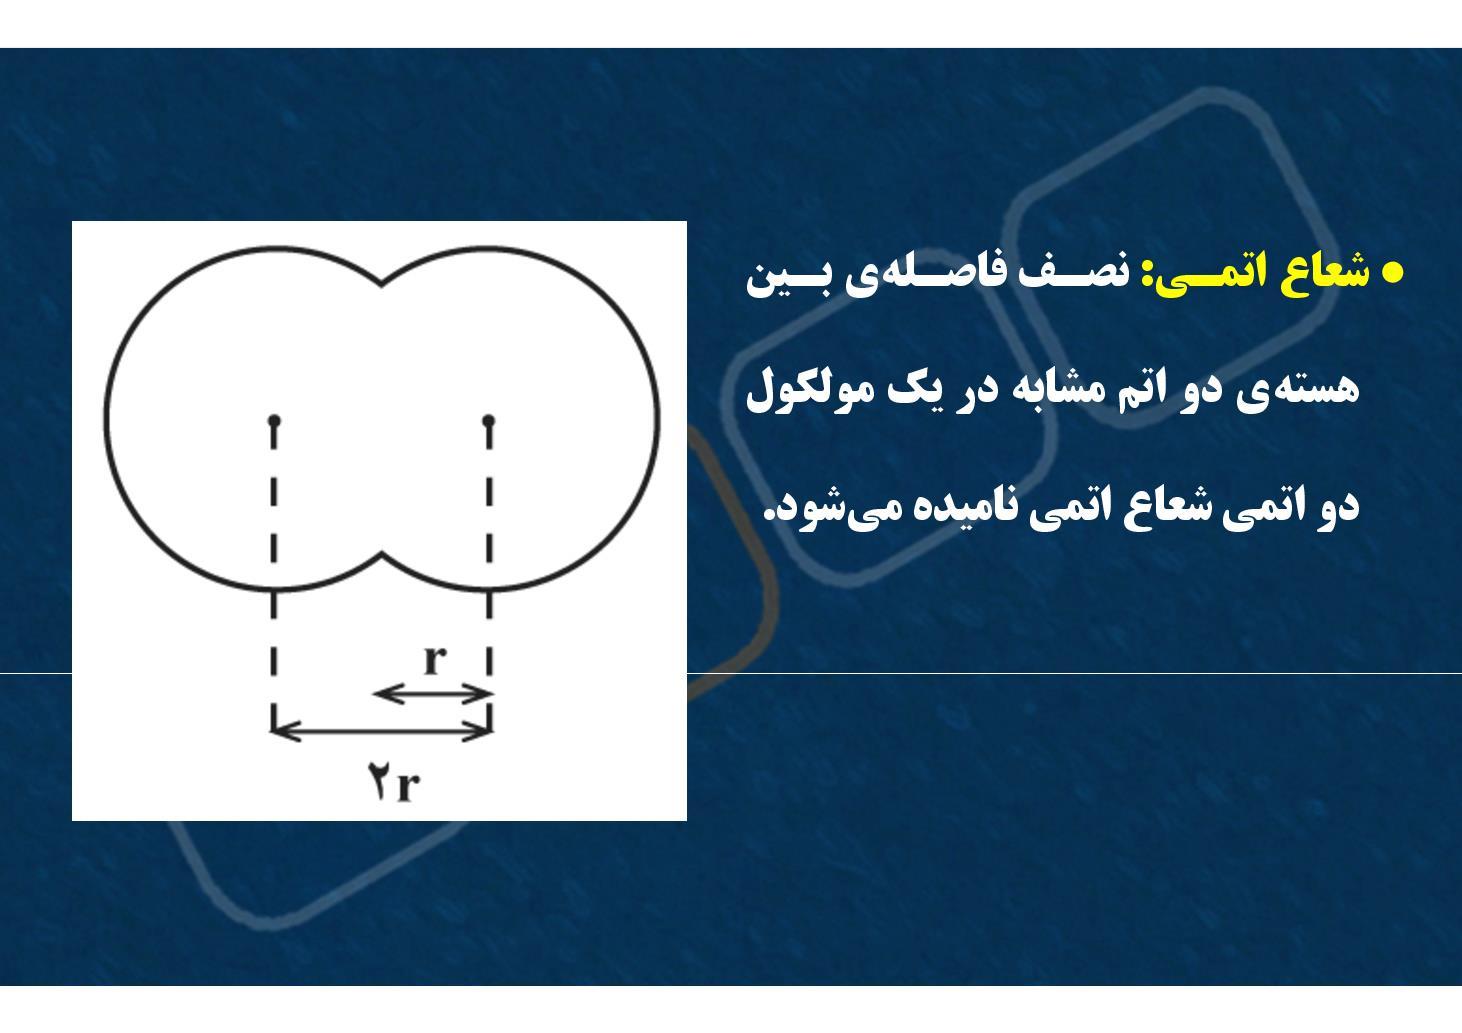 شیمی ٢-بخش ٢- محاسبه شعاع اتمی در مقیاسهای مختلف- بخش ٢ (PDF)